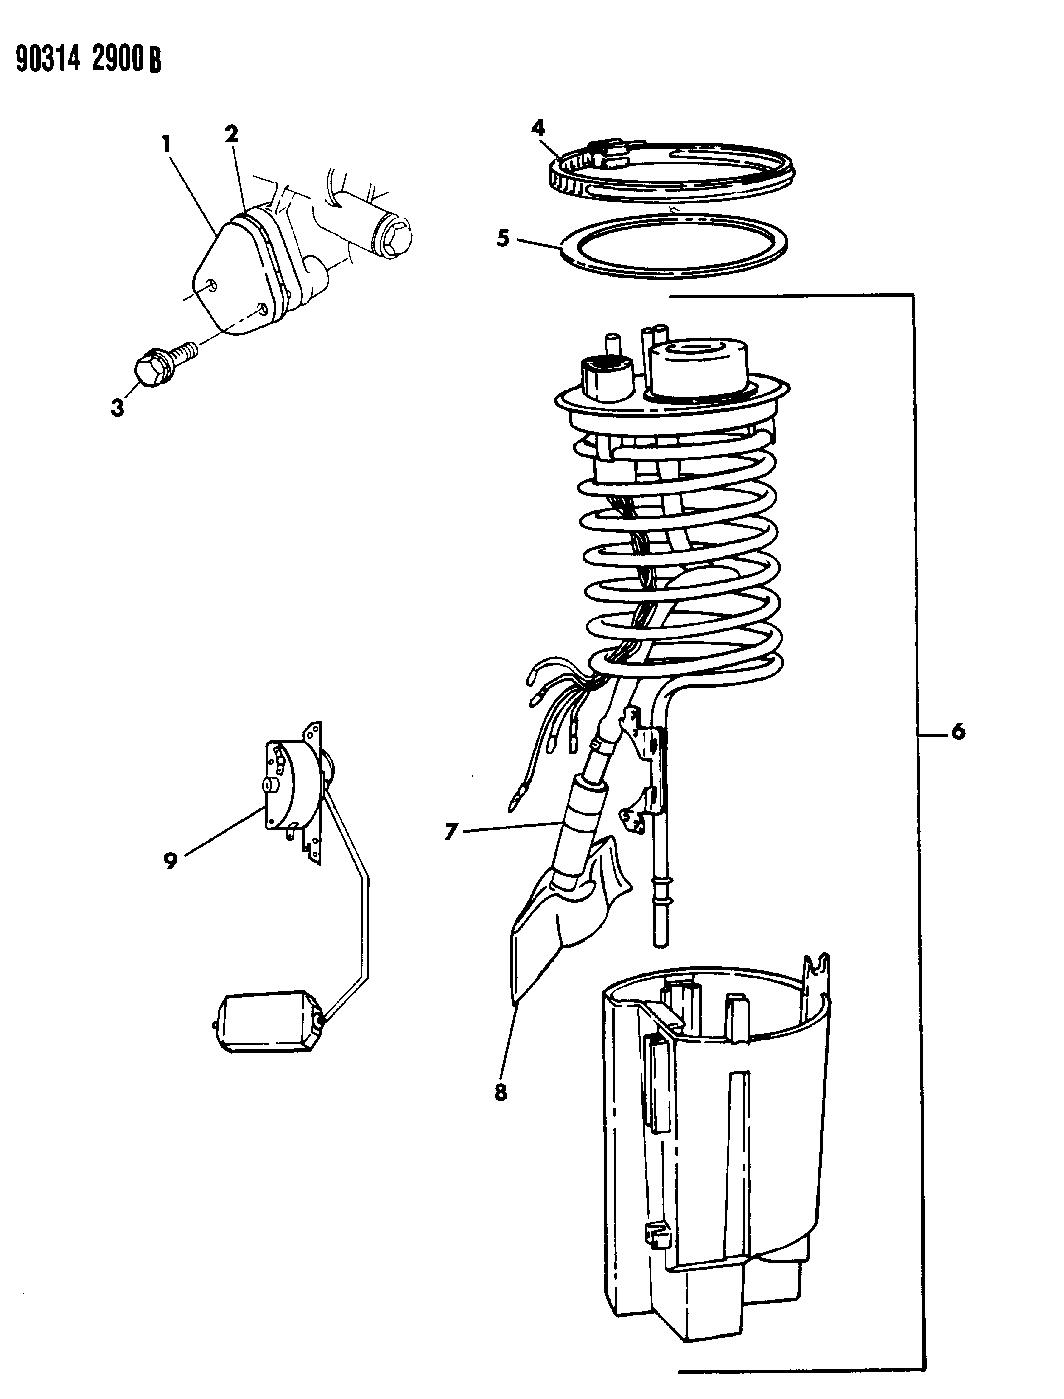 [DIAGRAM] Wiring Diagram 1990 Dodge 150 FULL Version HD